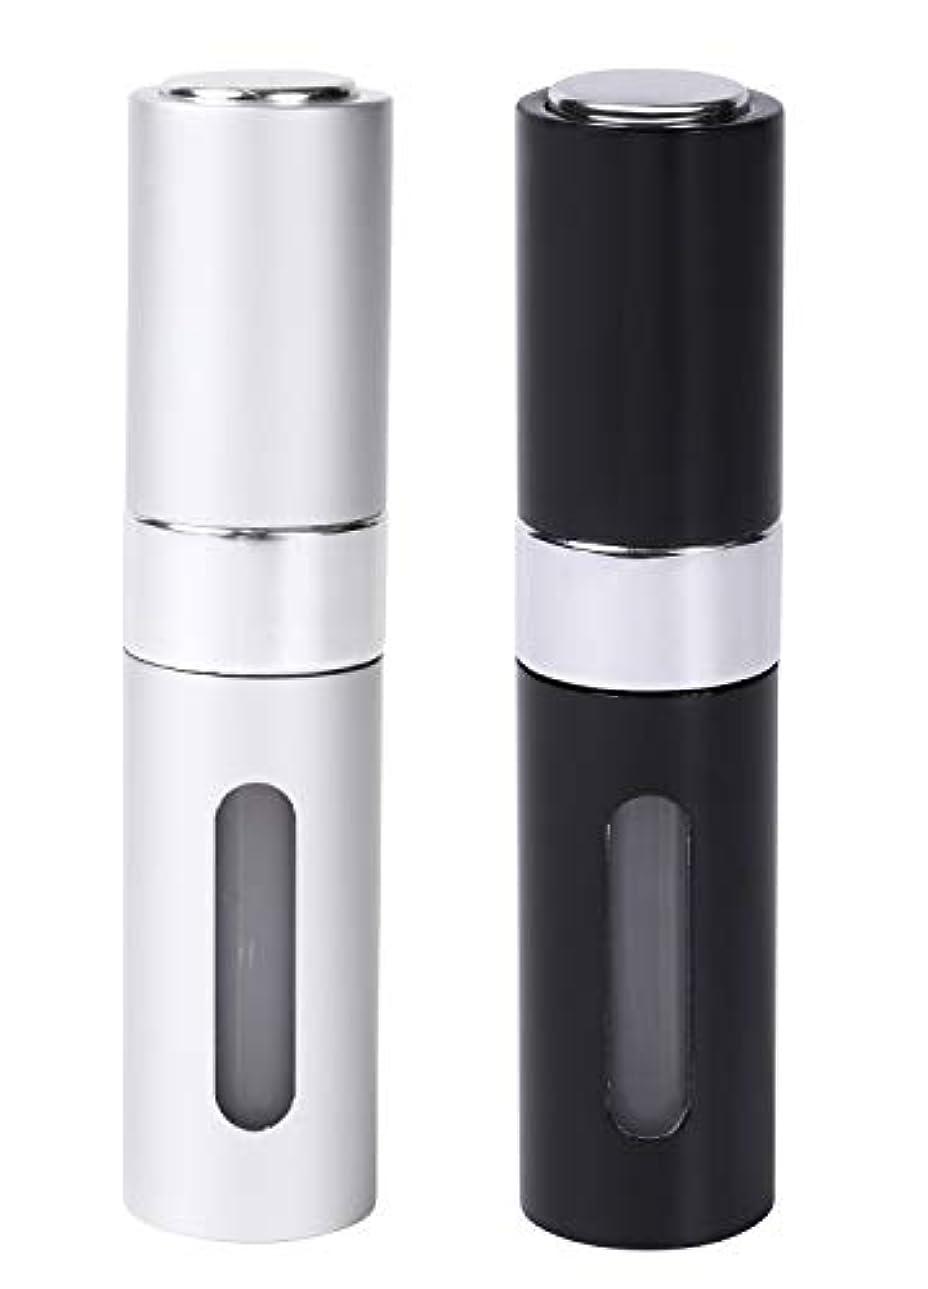 配管工タンカーシンポジウムCoffeefreaks アトマイザー 香水 詰め替え 携帯 スプレーボトル ワンタッチ補充 8ml (ブラックシルバーセット)